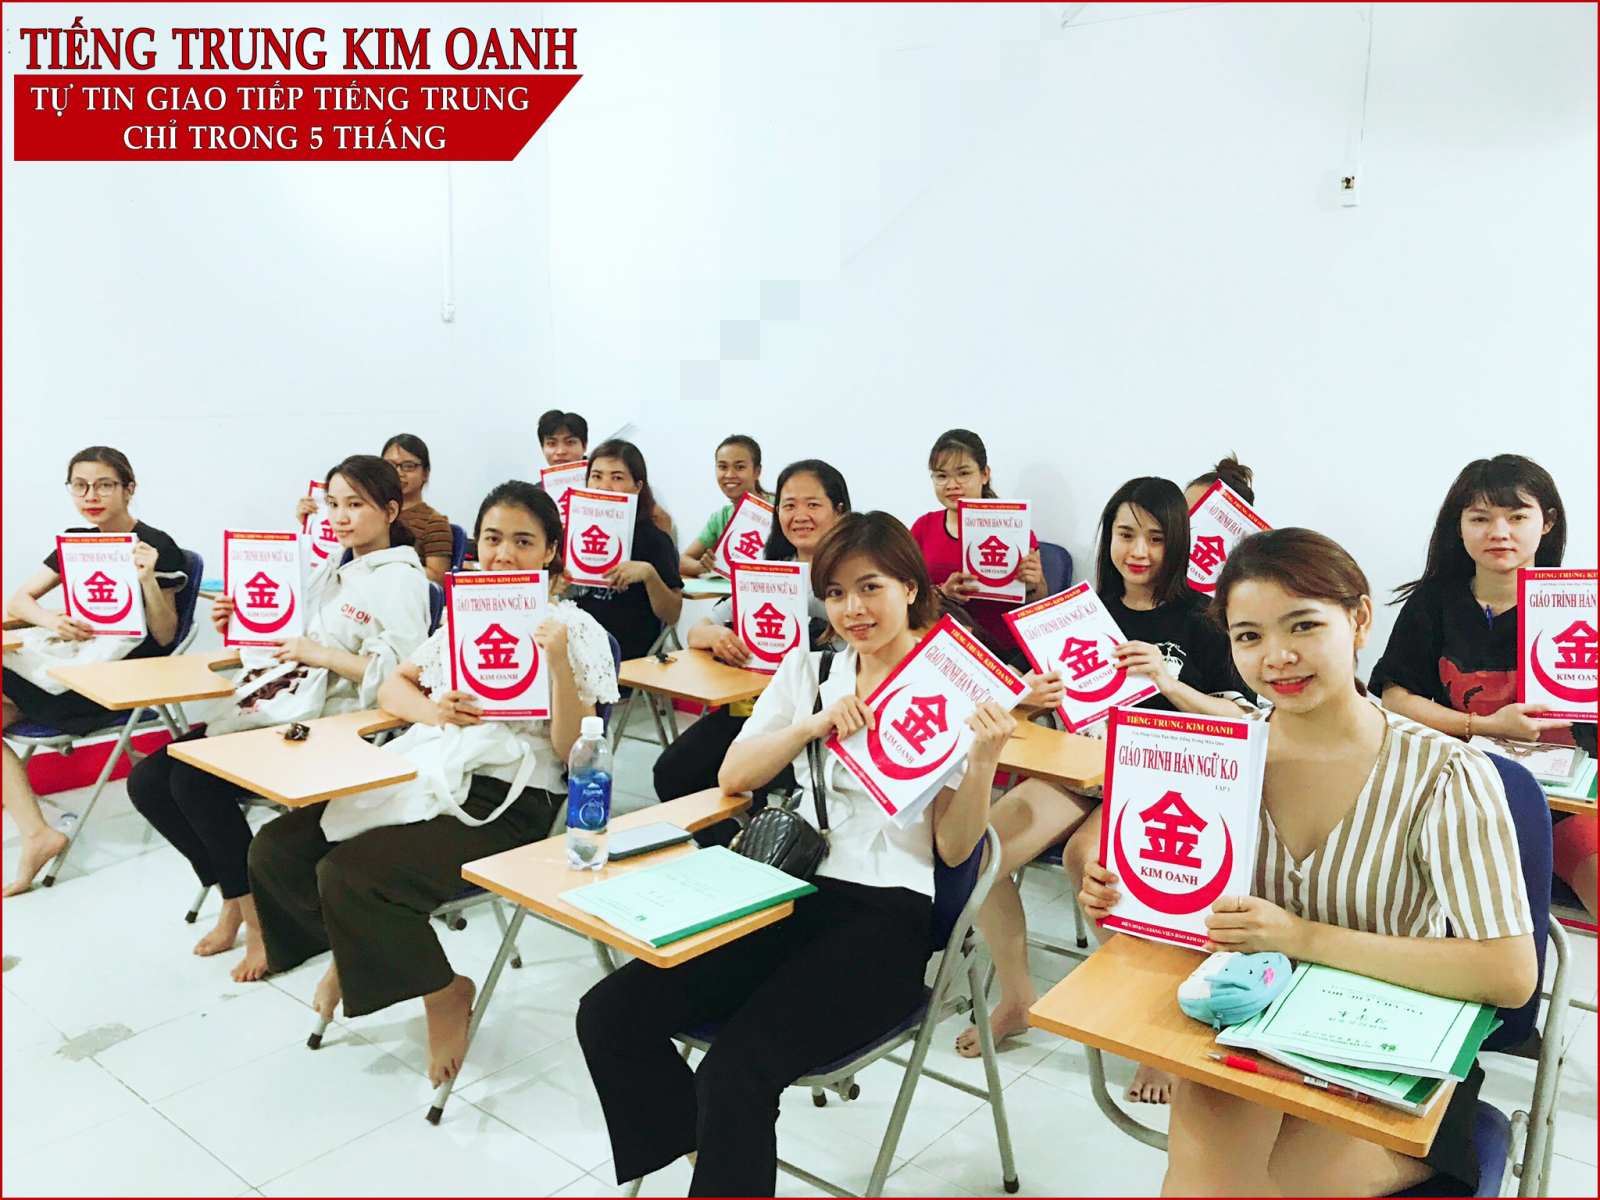 Lớp tiếng Trung giao tiếp cấp tốc cho người đi du học tại biên hòa